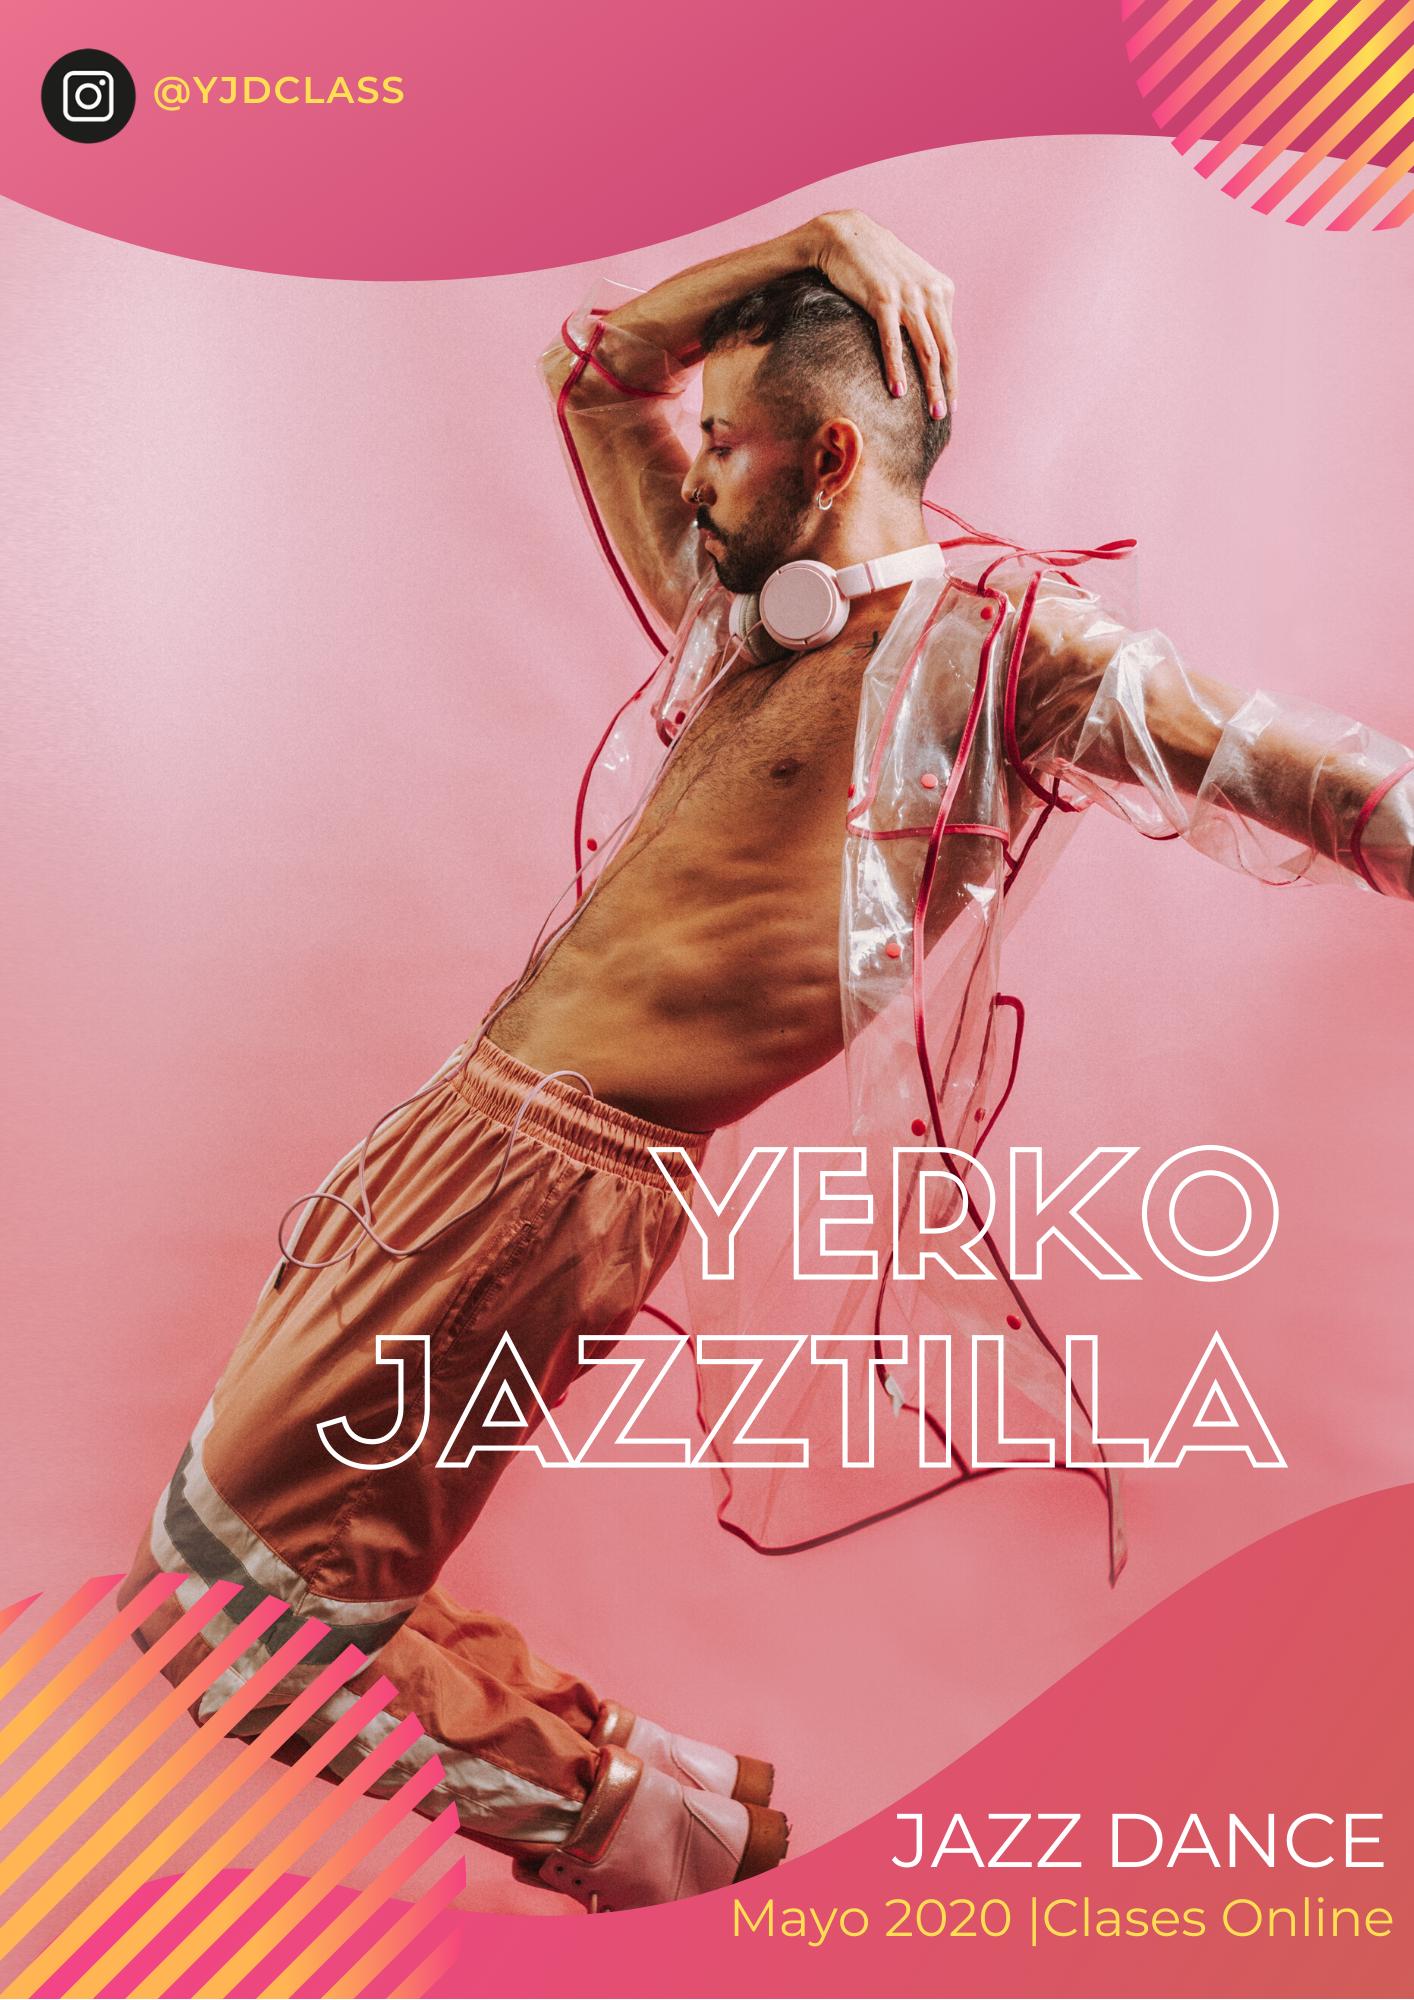 Yerko jazztilla  1